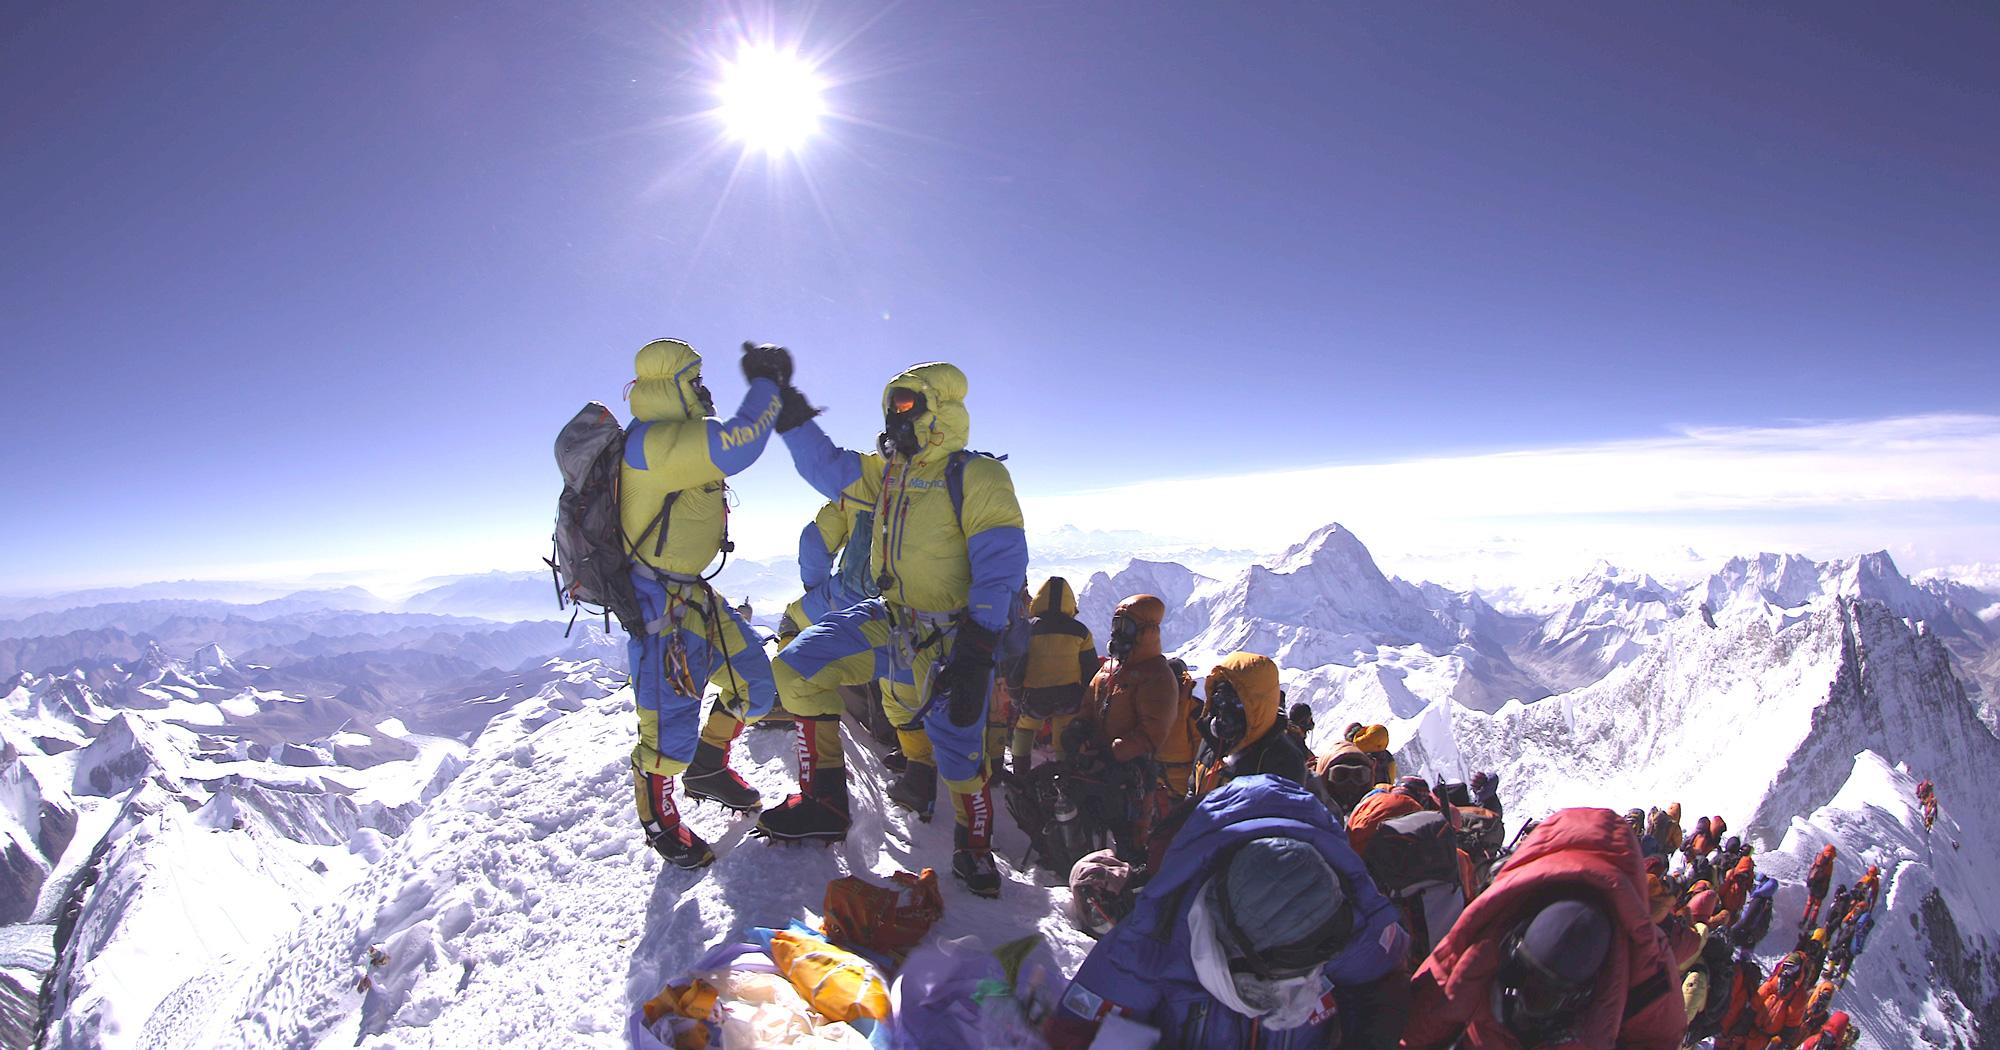 Der höchste Punkt ist der Gipfel. Und wer nicht am höchsten Punkt war, war nicht am Gipfel. Dies gilt für geführte Everestkunden wie auch für Profibergsteiger. Foto: Lukas Furtenbach, Mai 2016 auf dem höchsten Punkt der Erde. I berundsteigen.blog